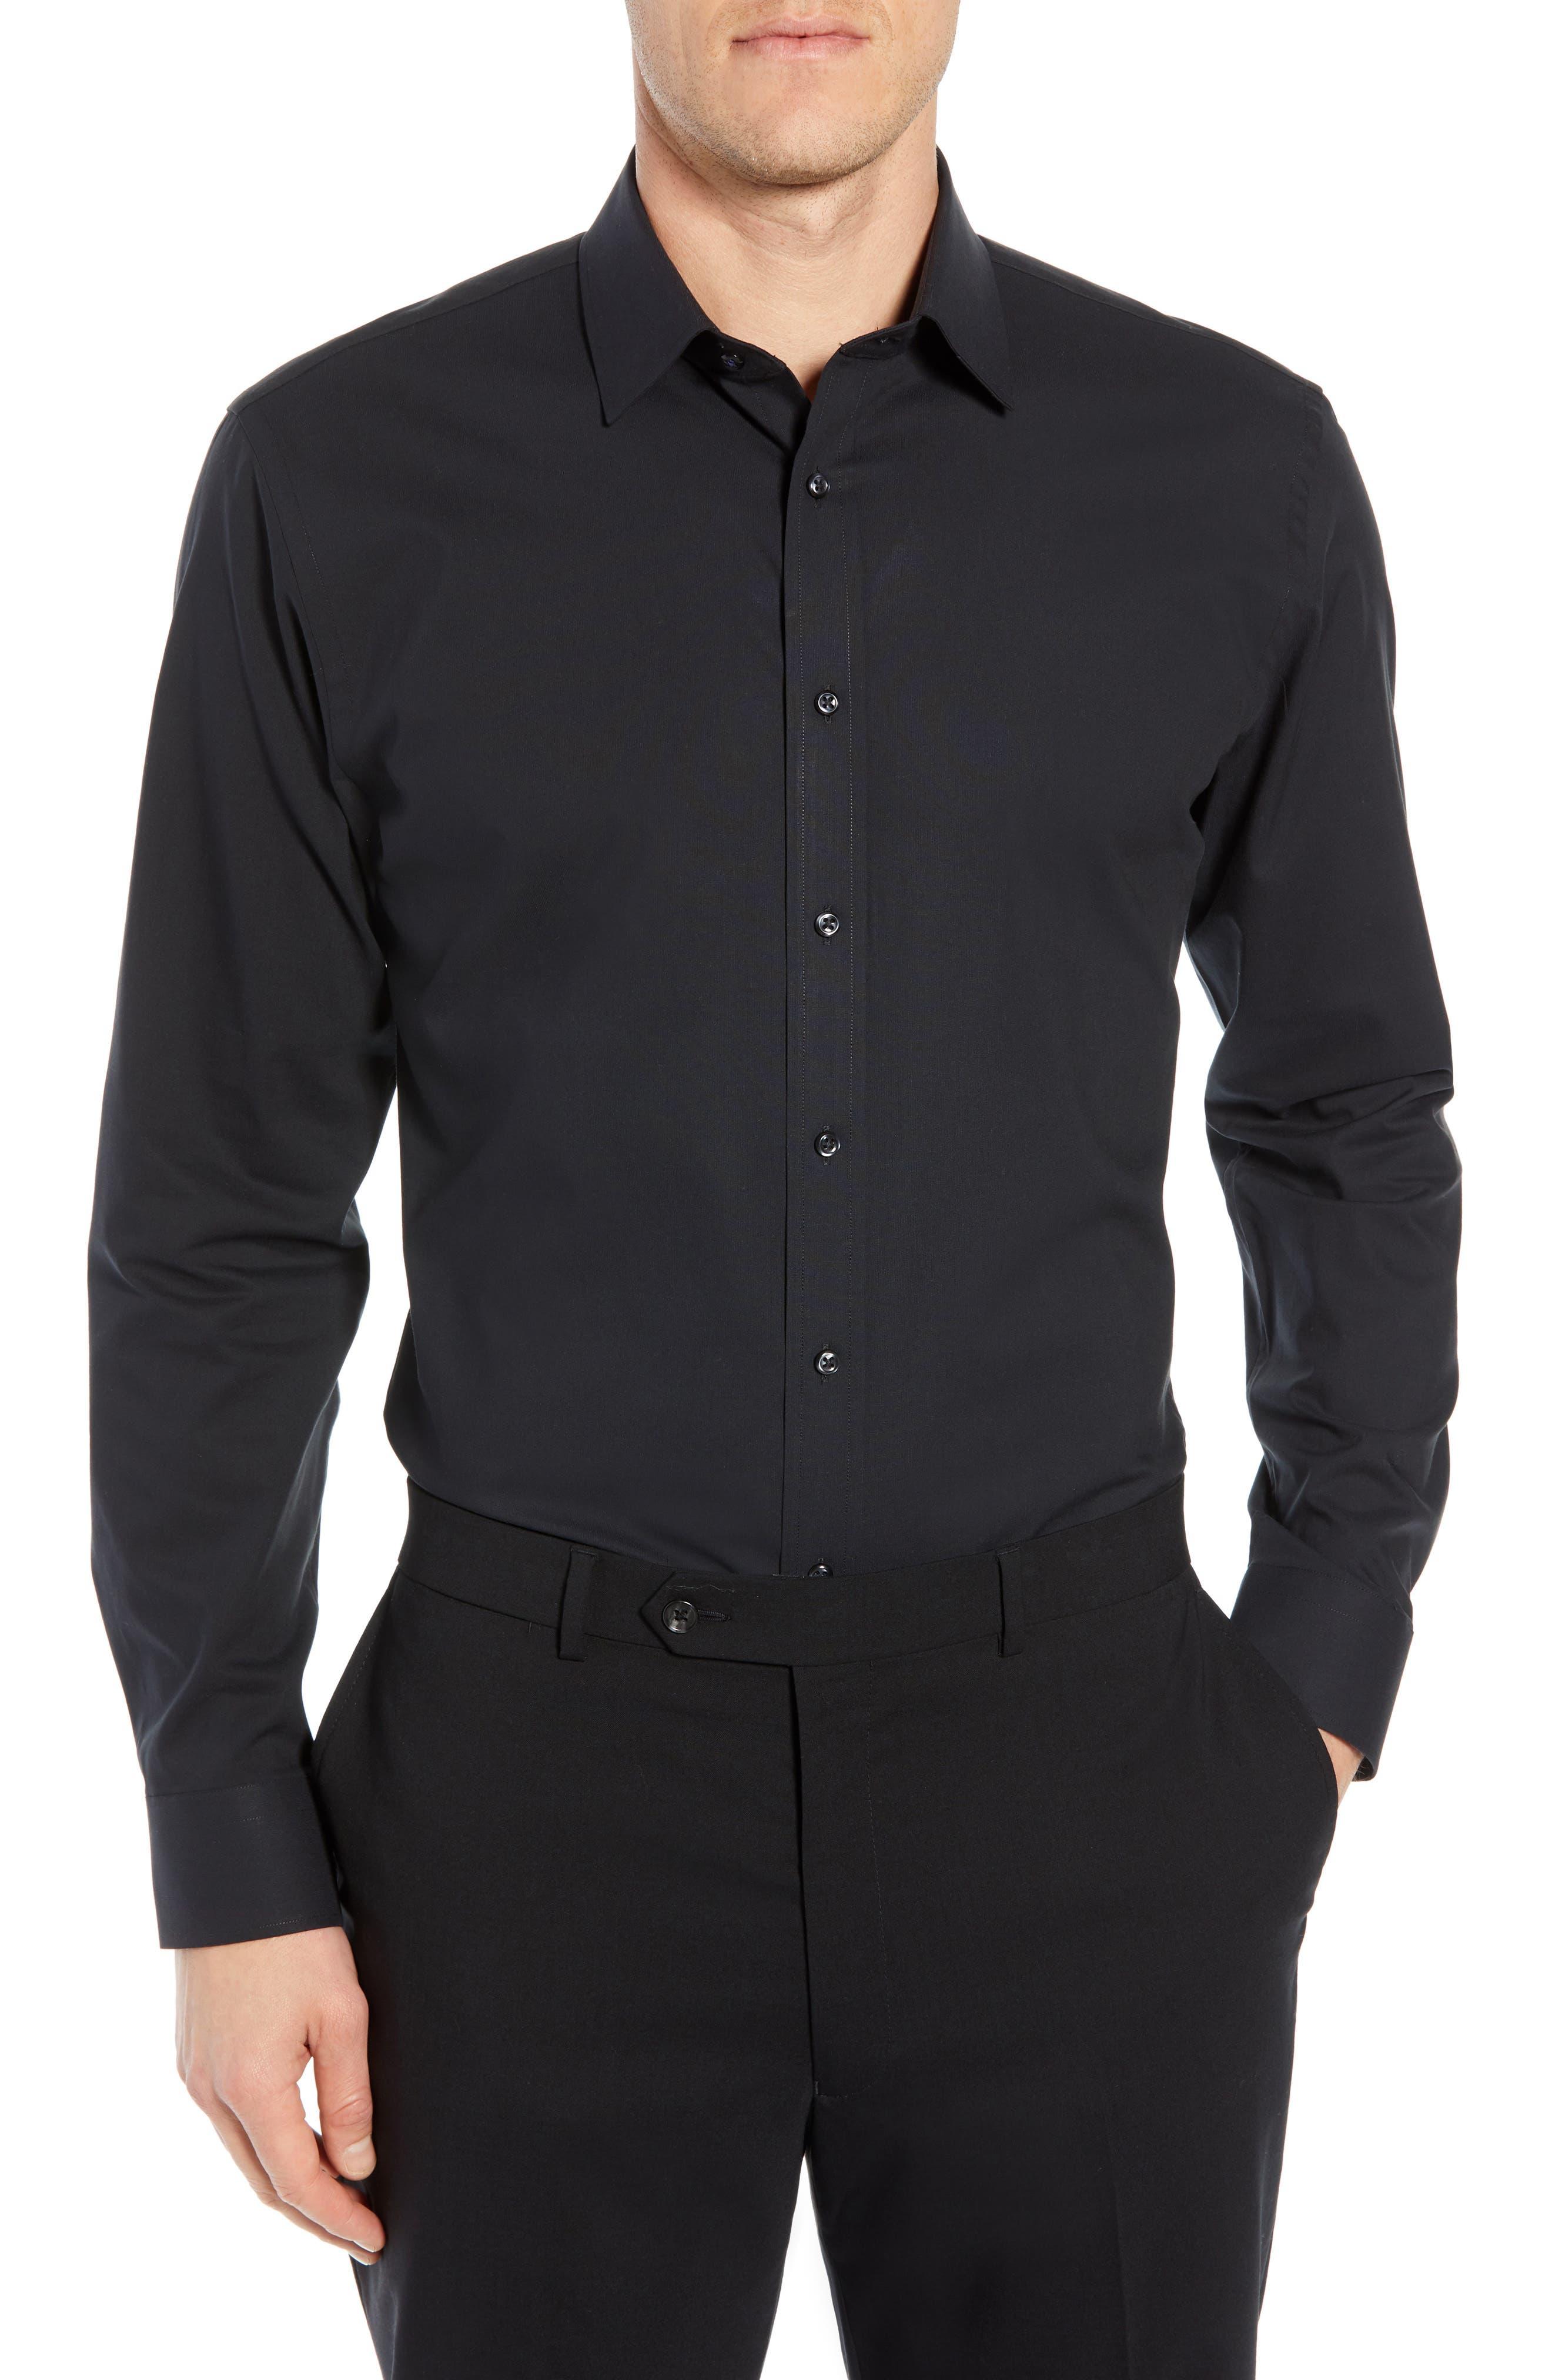 Tech-Smart Trim Fit Stretch Pinpoint Dress Shirt,                         Main,                         color, BLACK ROCK